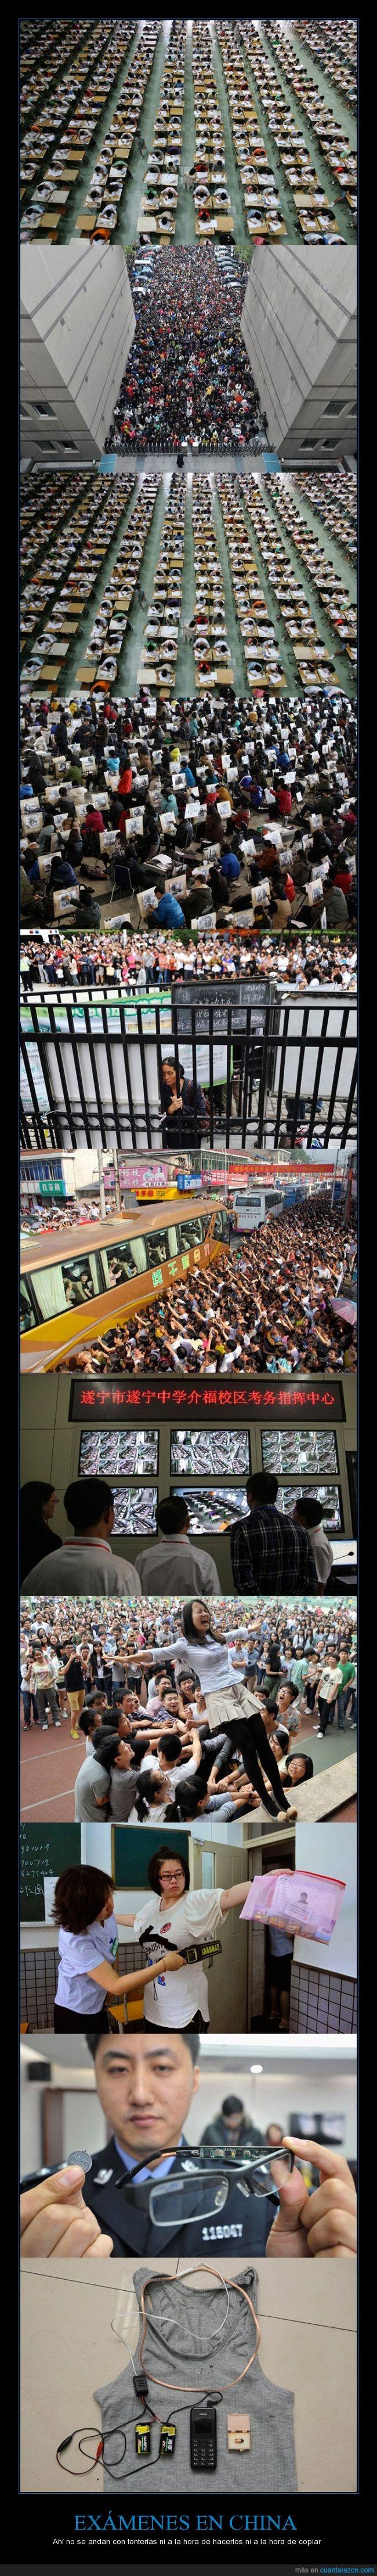 camiseta,China,copiar,estudios,examen,futuro,gafas,gente,grupo,masivo,multitudinario